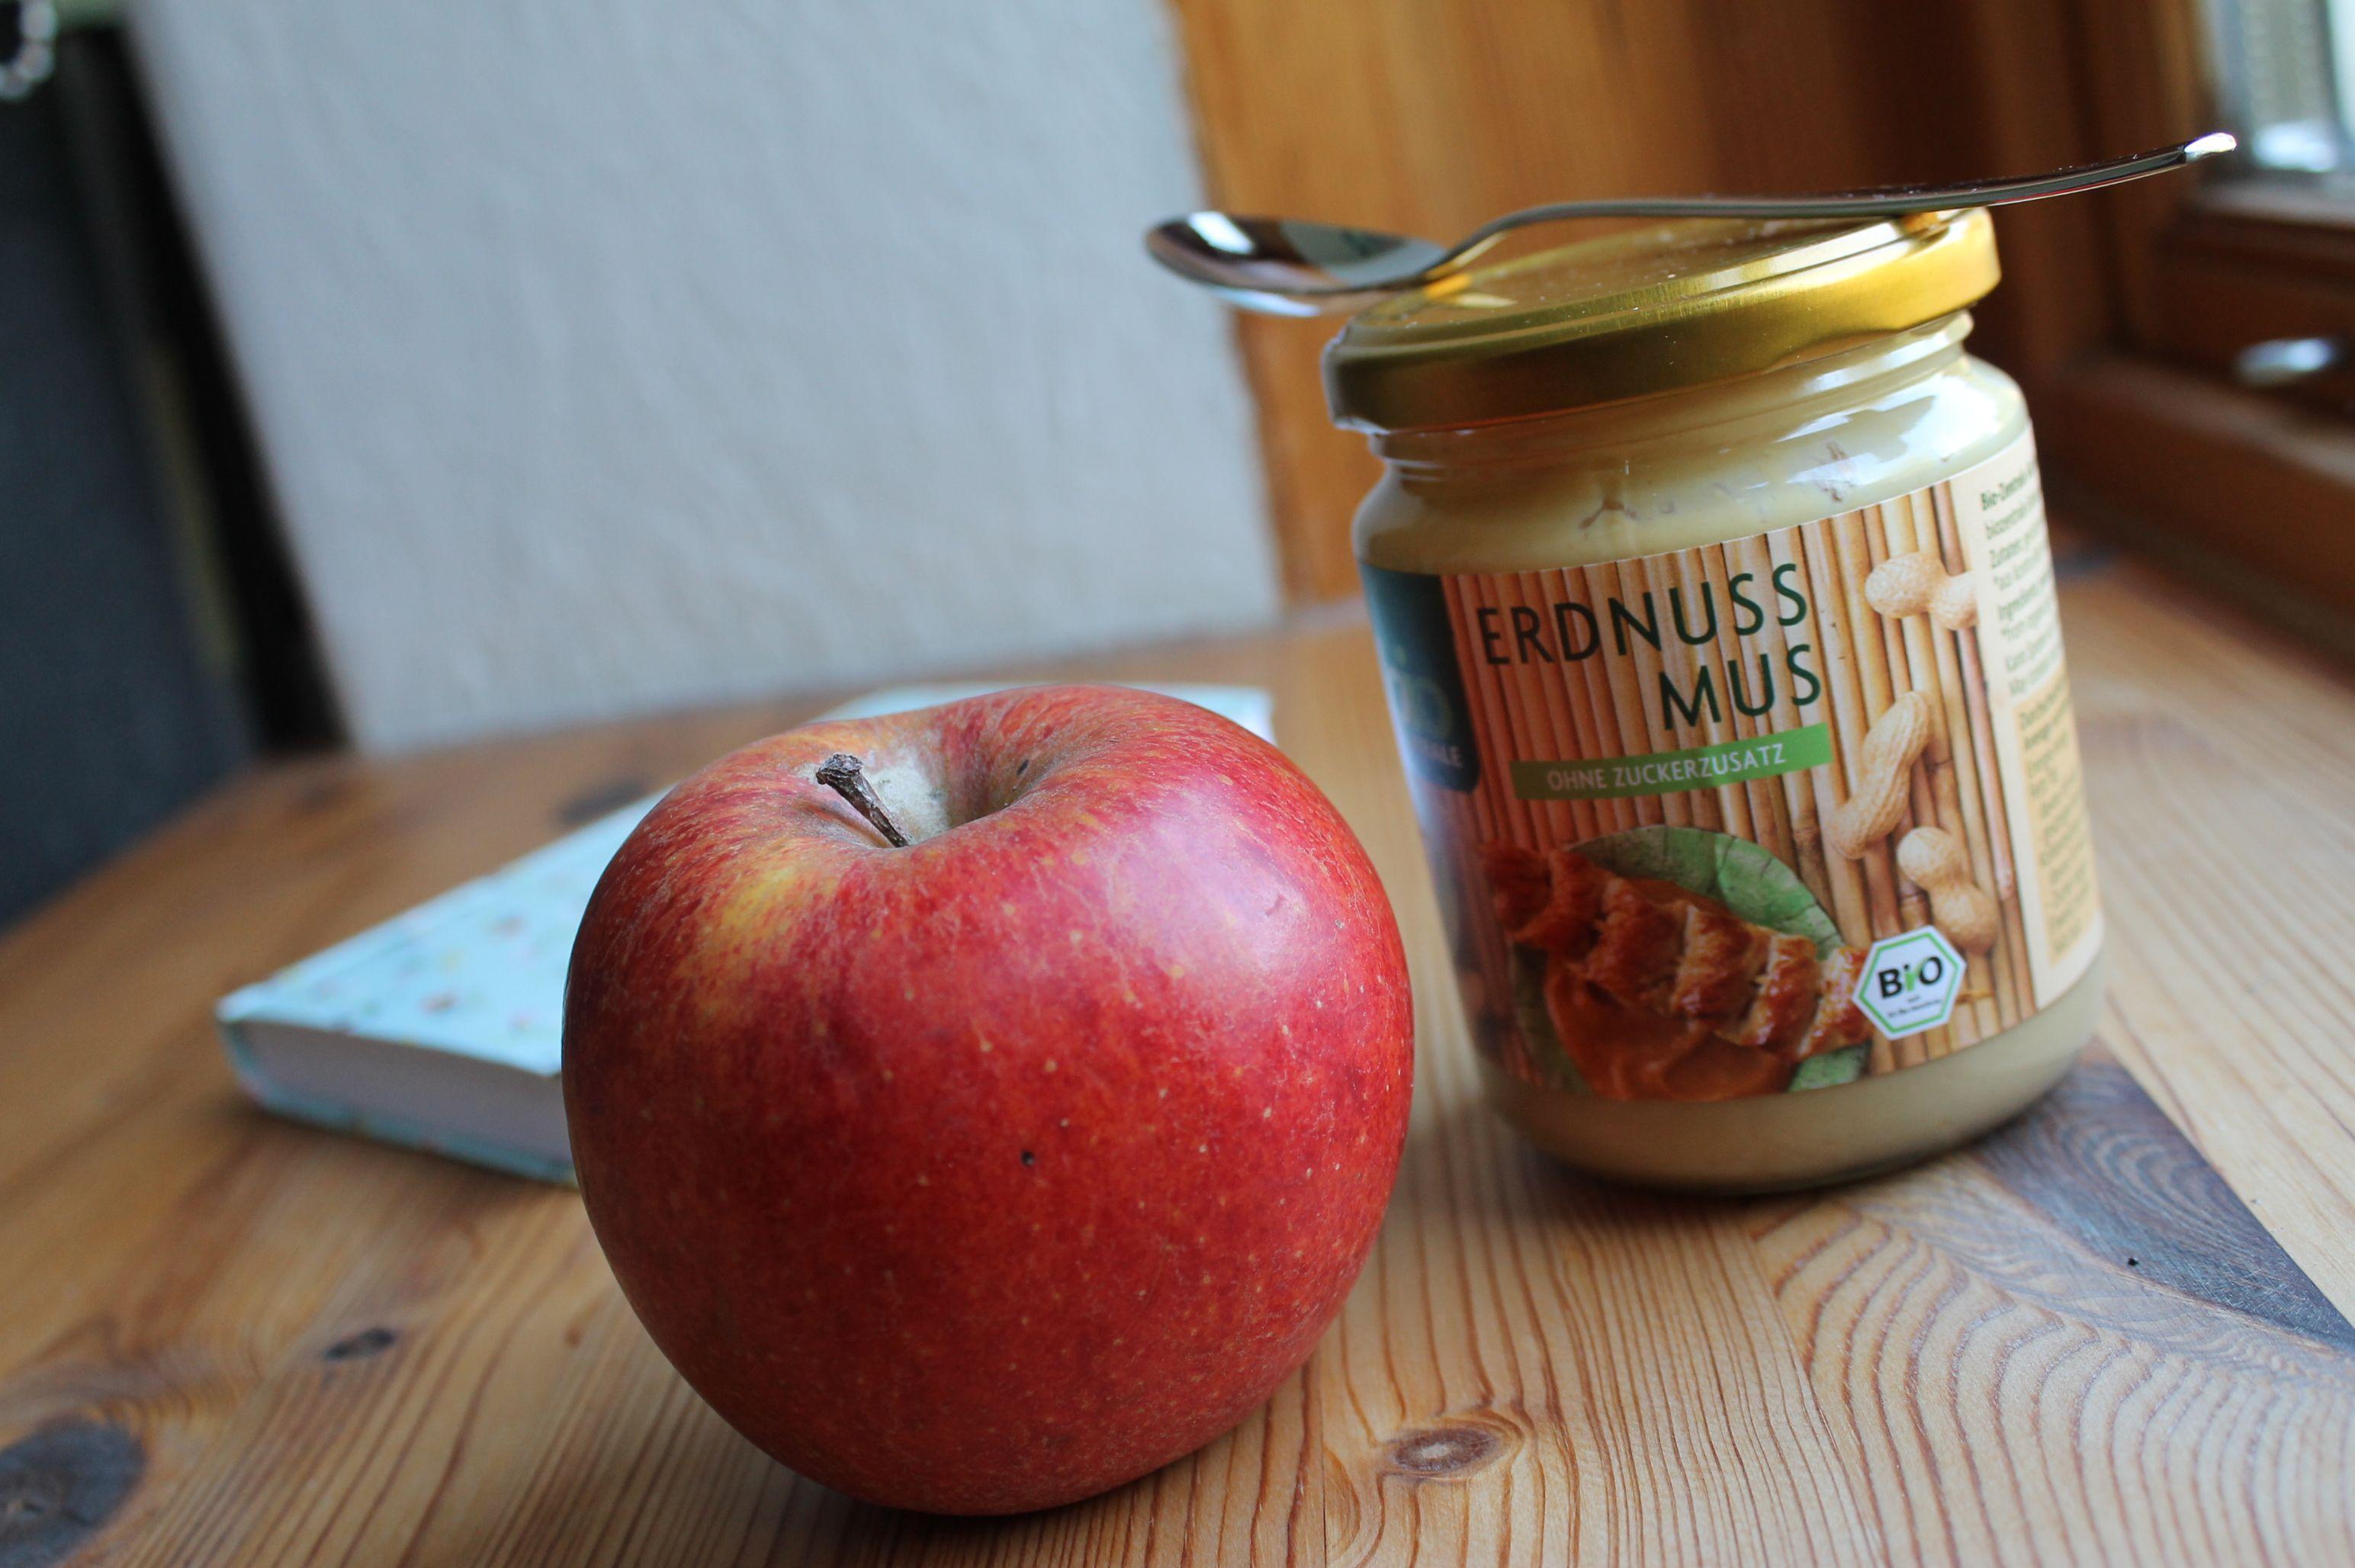 Den Snack zwischendurch (Apfel) aß Miss Polkadot erst zuhause - da konnte sie ihn dann zusammen mit Peanutbutter genießen!